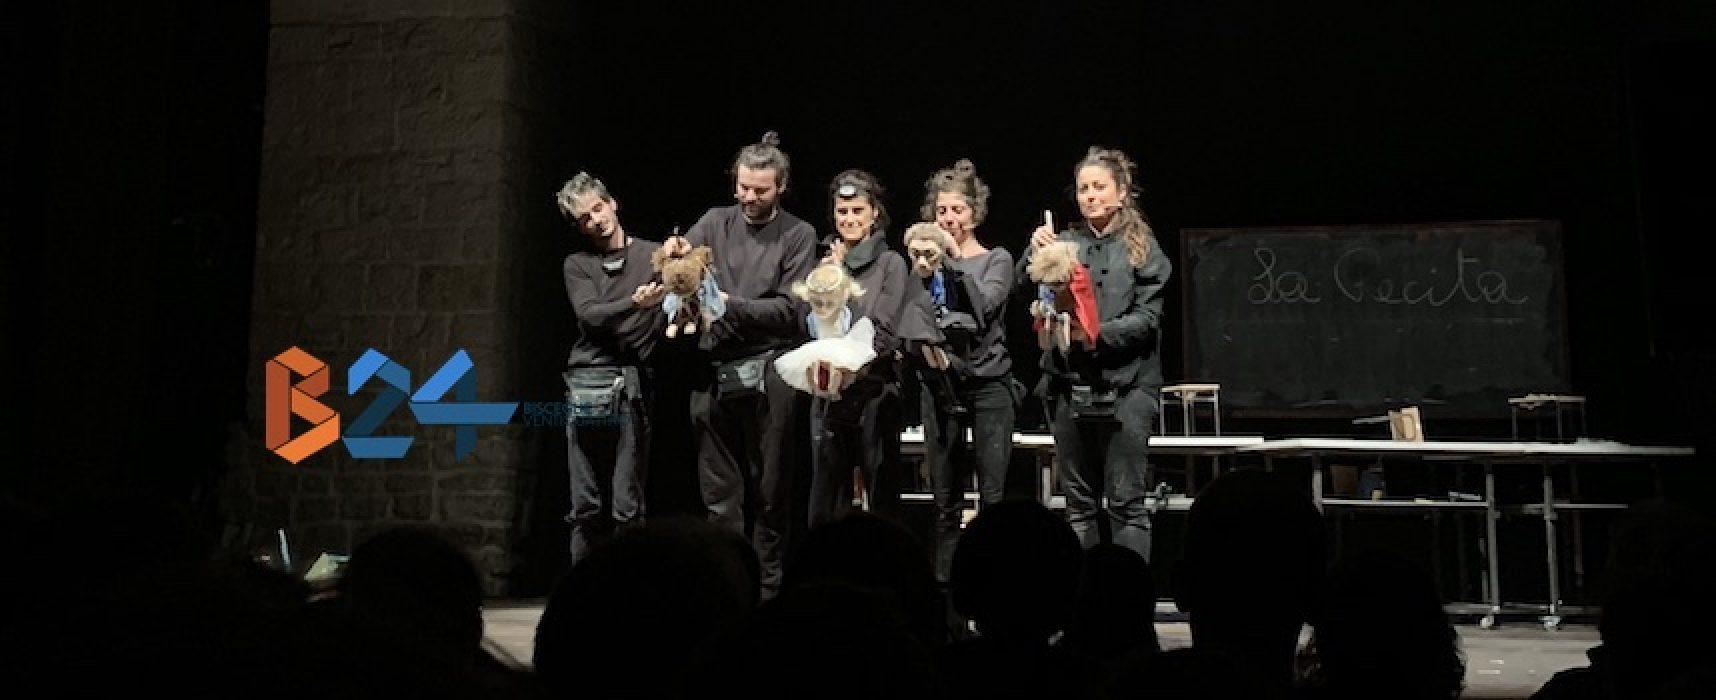 Le marionette de La Classe inaugurano la stagione di SistemaGaribaldi, stasera la replica